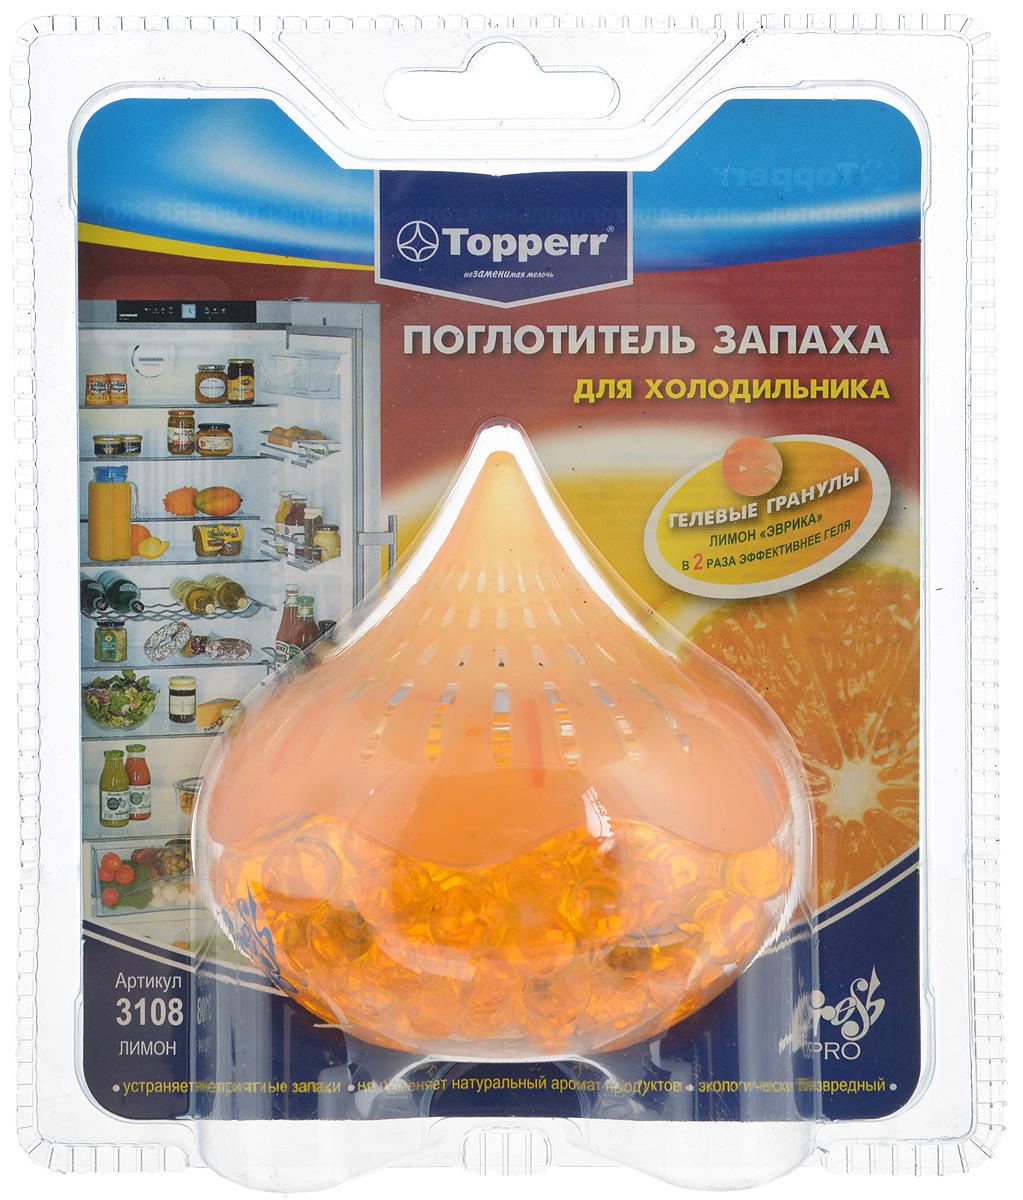 """Поглотитель запаха для холодильника Topperr """"Лимон"""", гелевый 3108"""